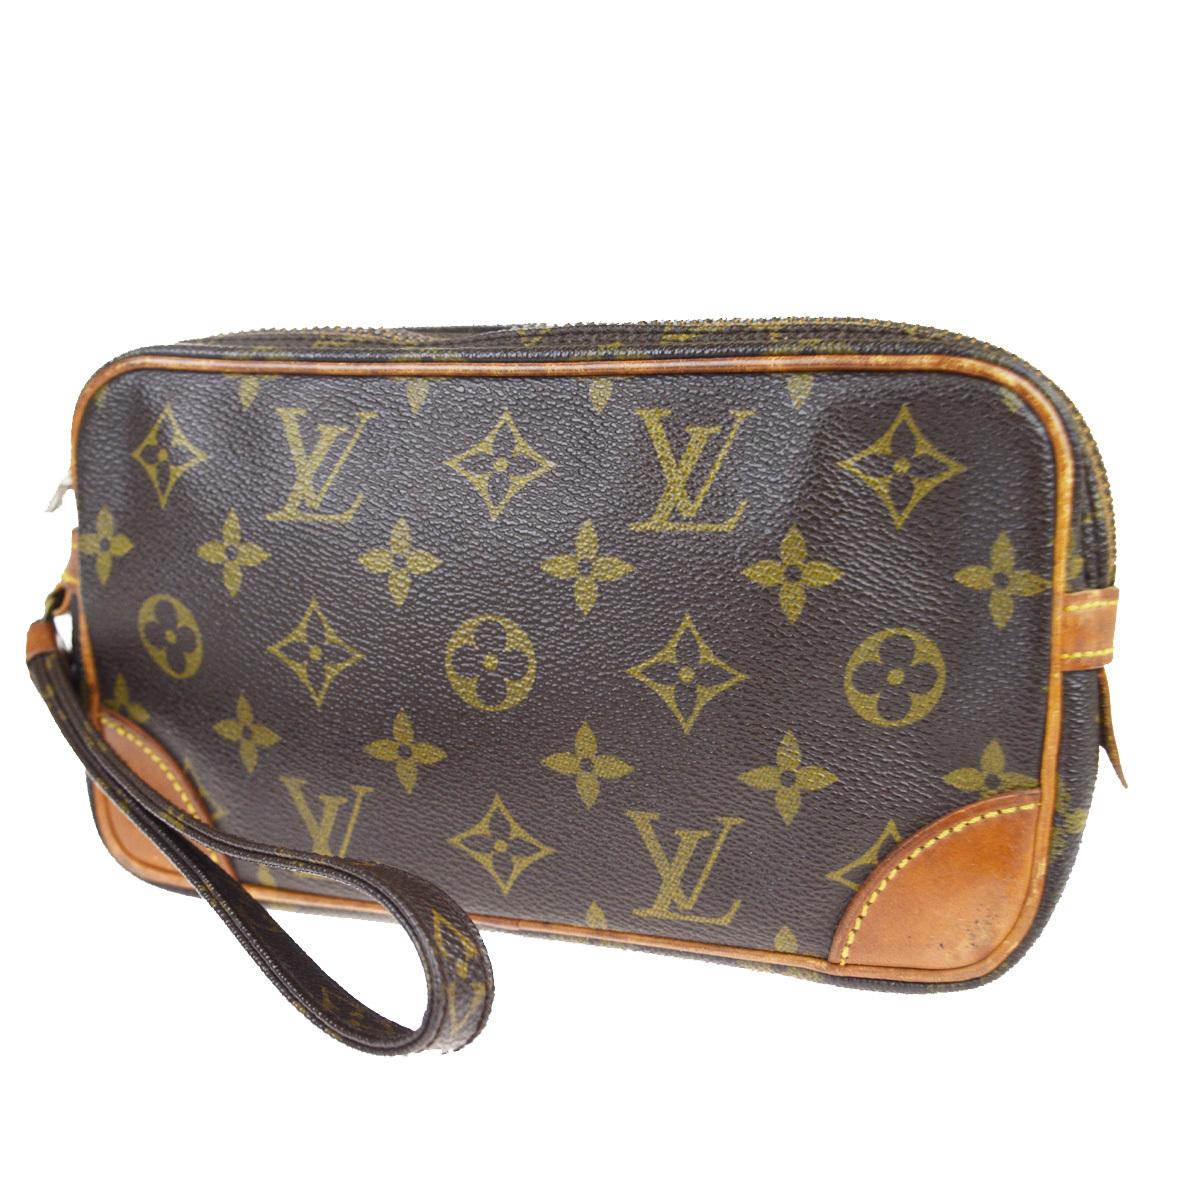 【中古】 ルイ・ヴィトン(Louis Vuitton) モノグラム マルリードラゴンヌ PM M51827 クラッチバッグ ブラウン 01FA515